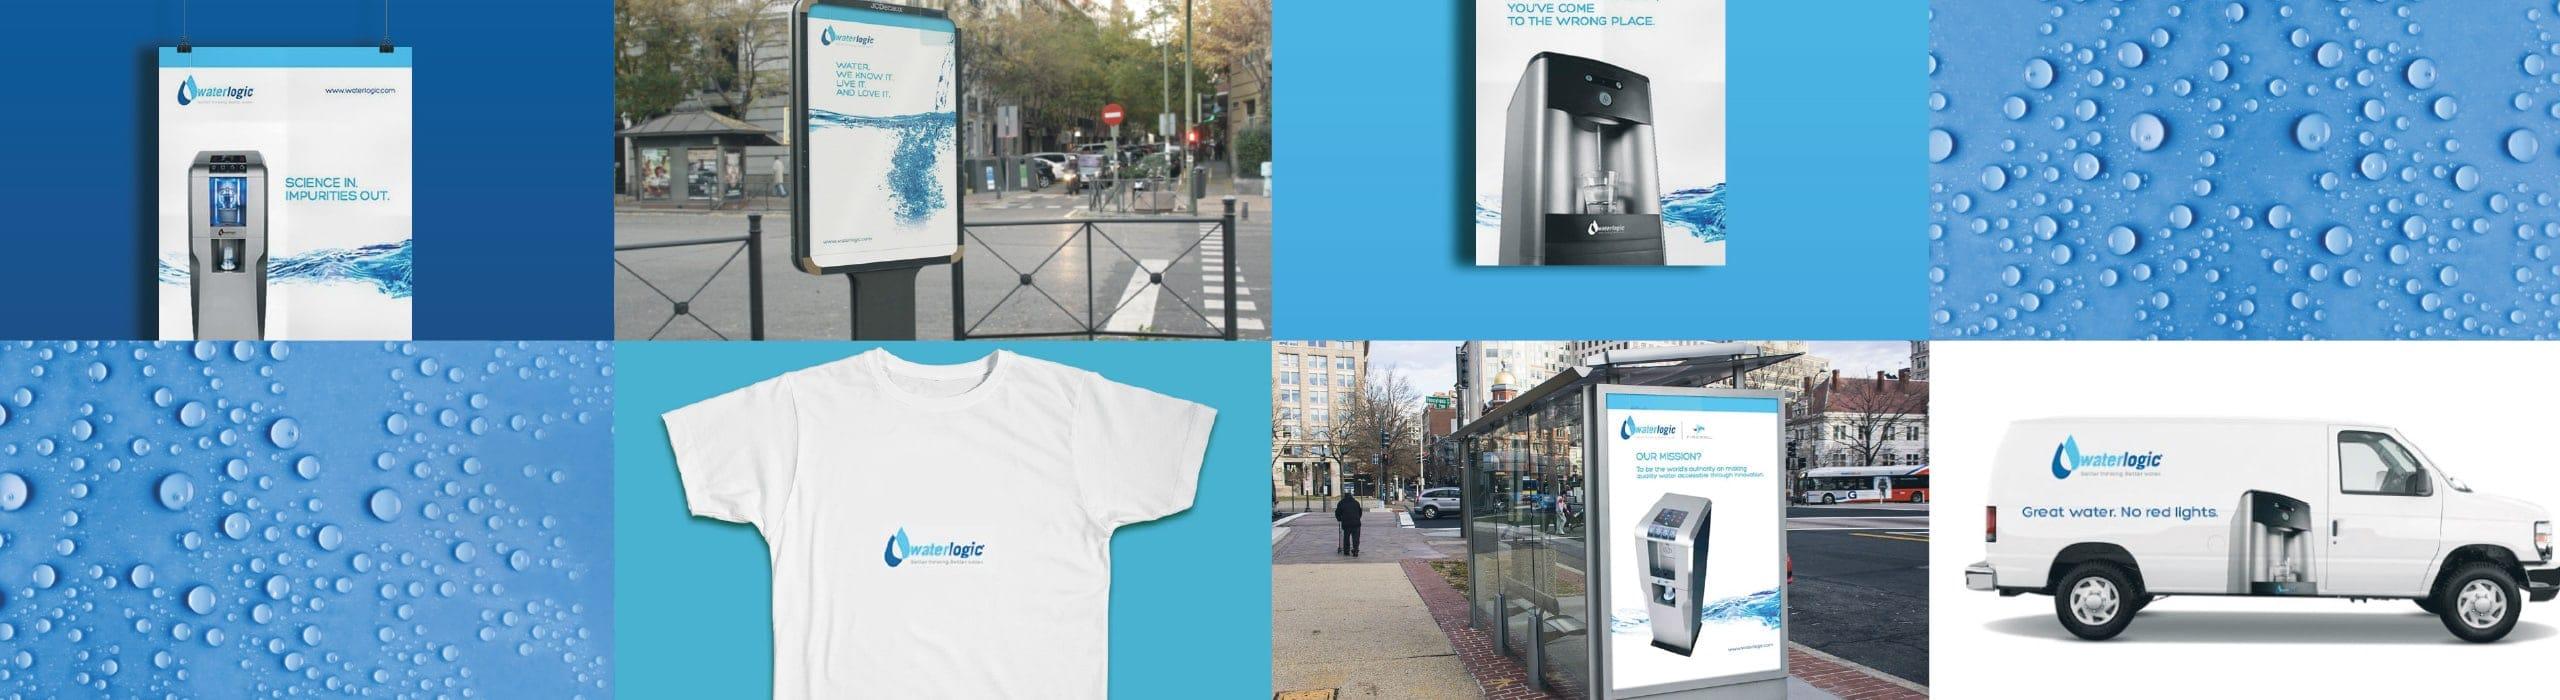 Waterlogic - natie-waterlogic-design - Natie Branding Agency